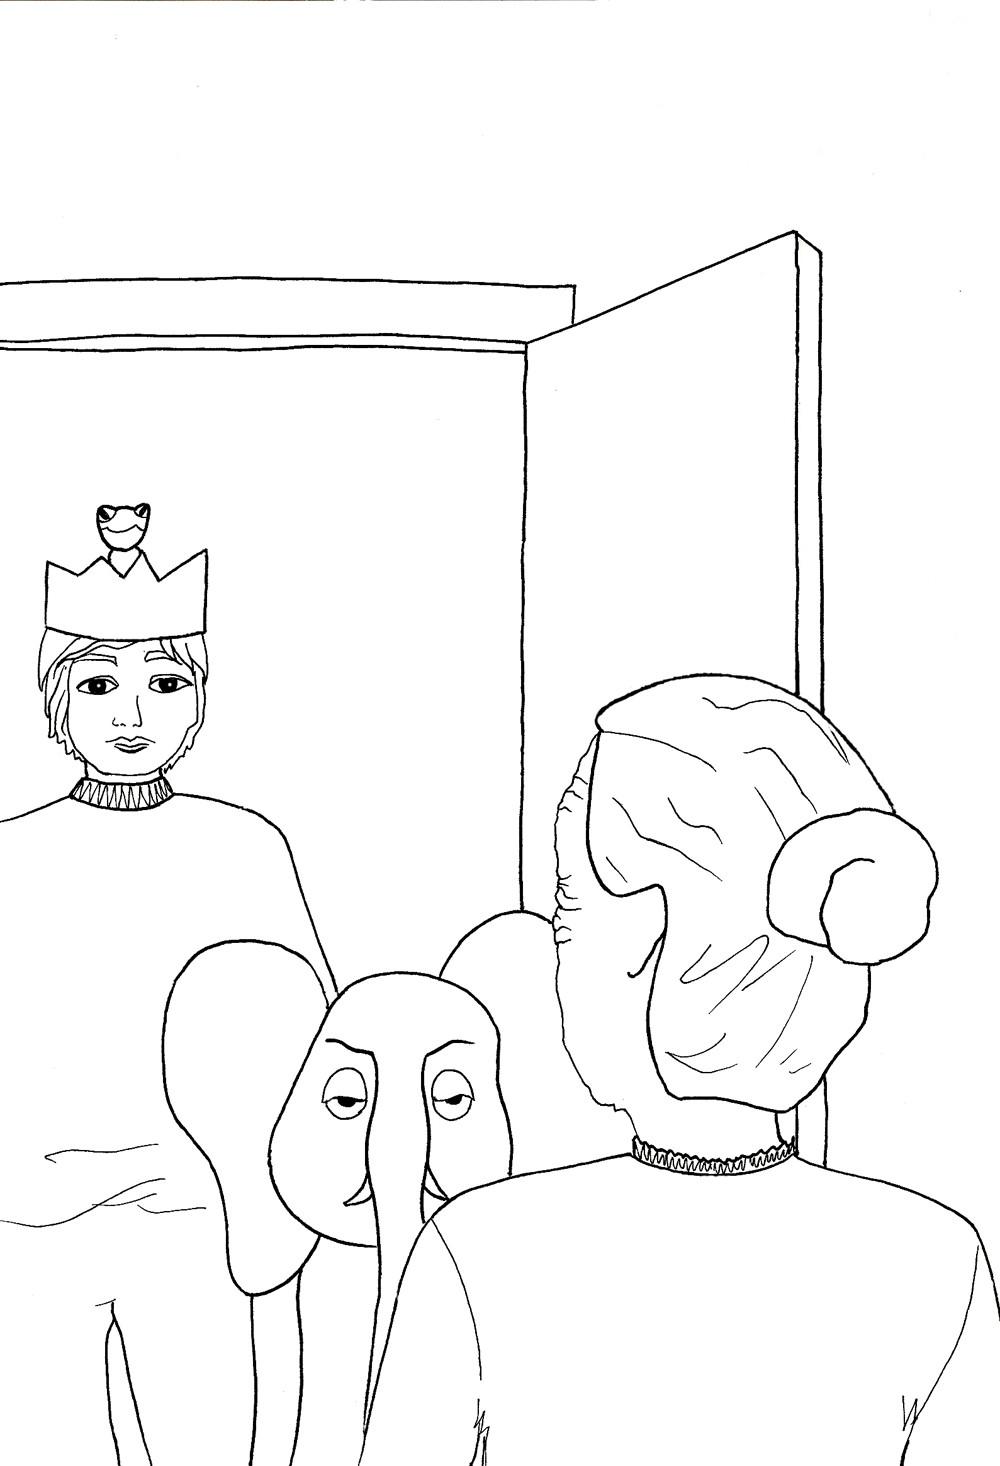 Le crapaud et le prince qui ne se trouvait pas charmant, fable de Nicolas Sarrasin et images de Michelle Riendeau